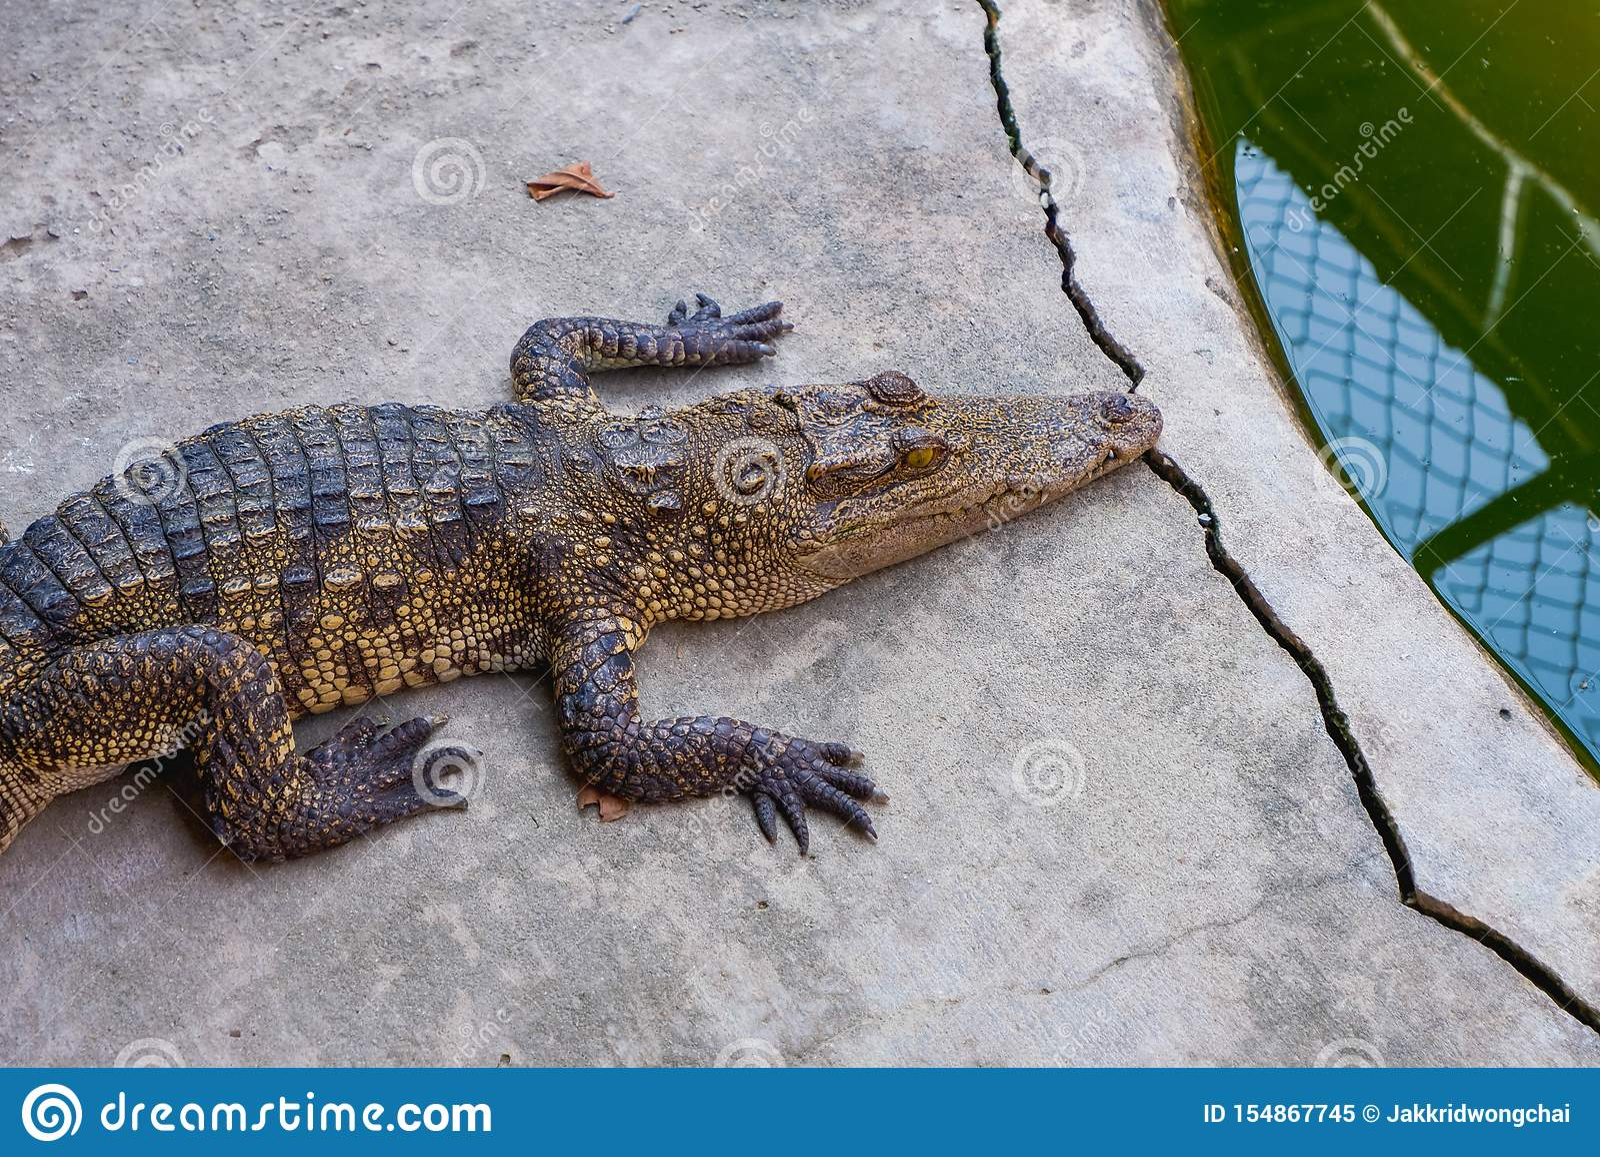 Krokodilrest auf dem Boden